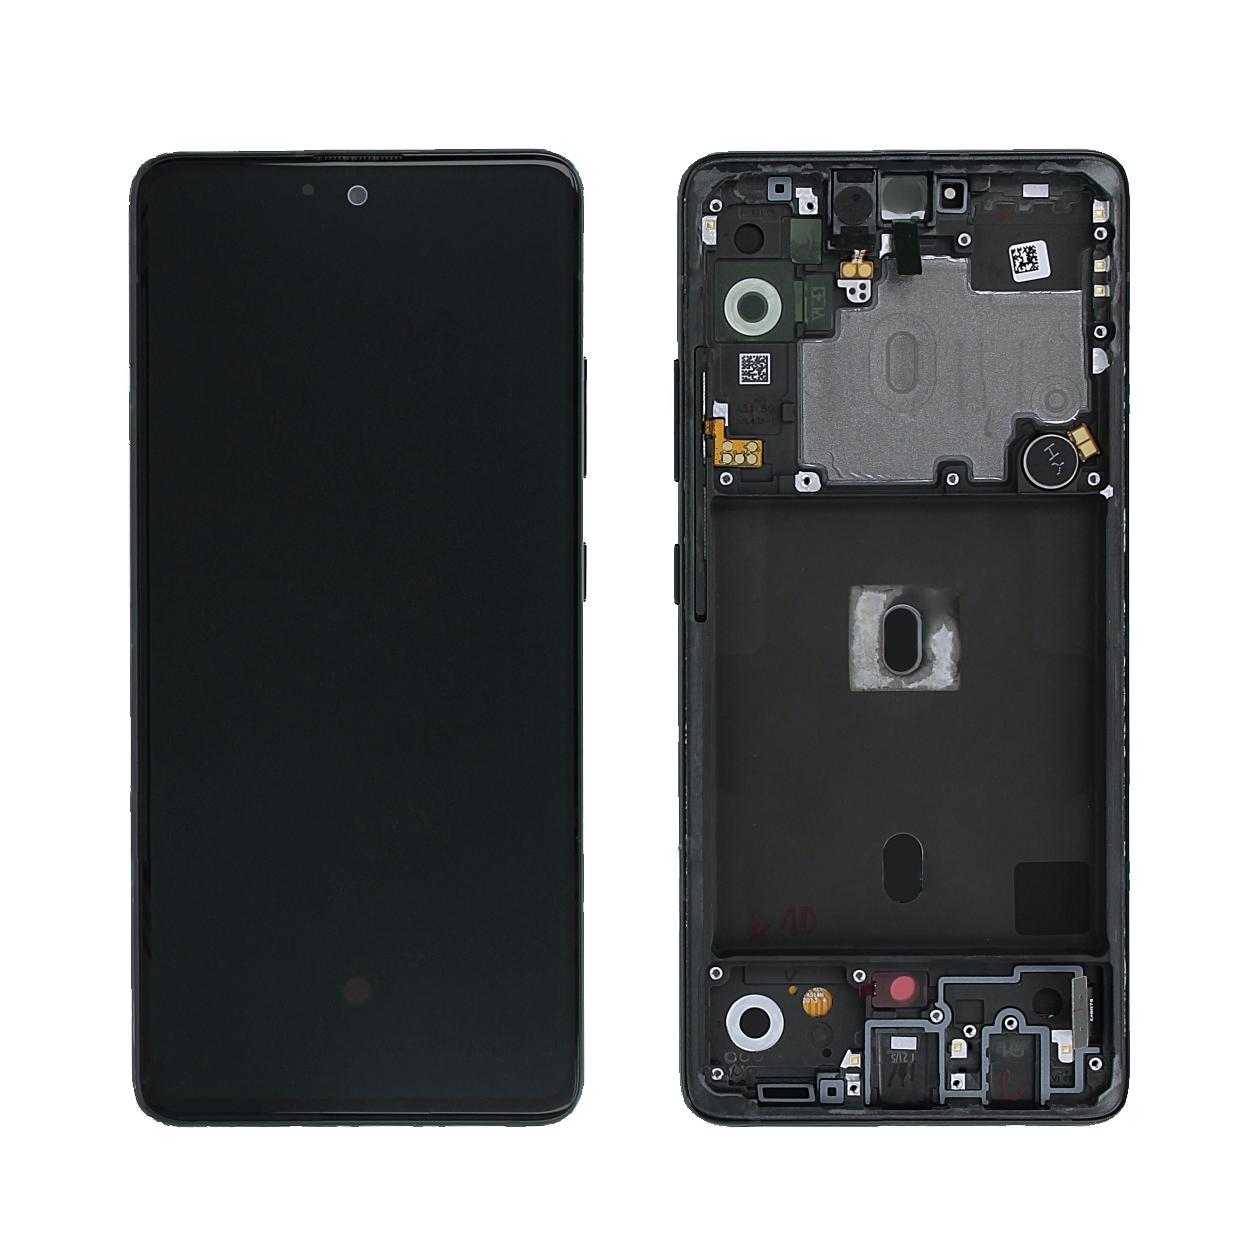 Samsung A516B A516B Galaxy A51 5G Display, Prism Crush Black/Schwarz, GH82-23100A;GH82-23124A